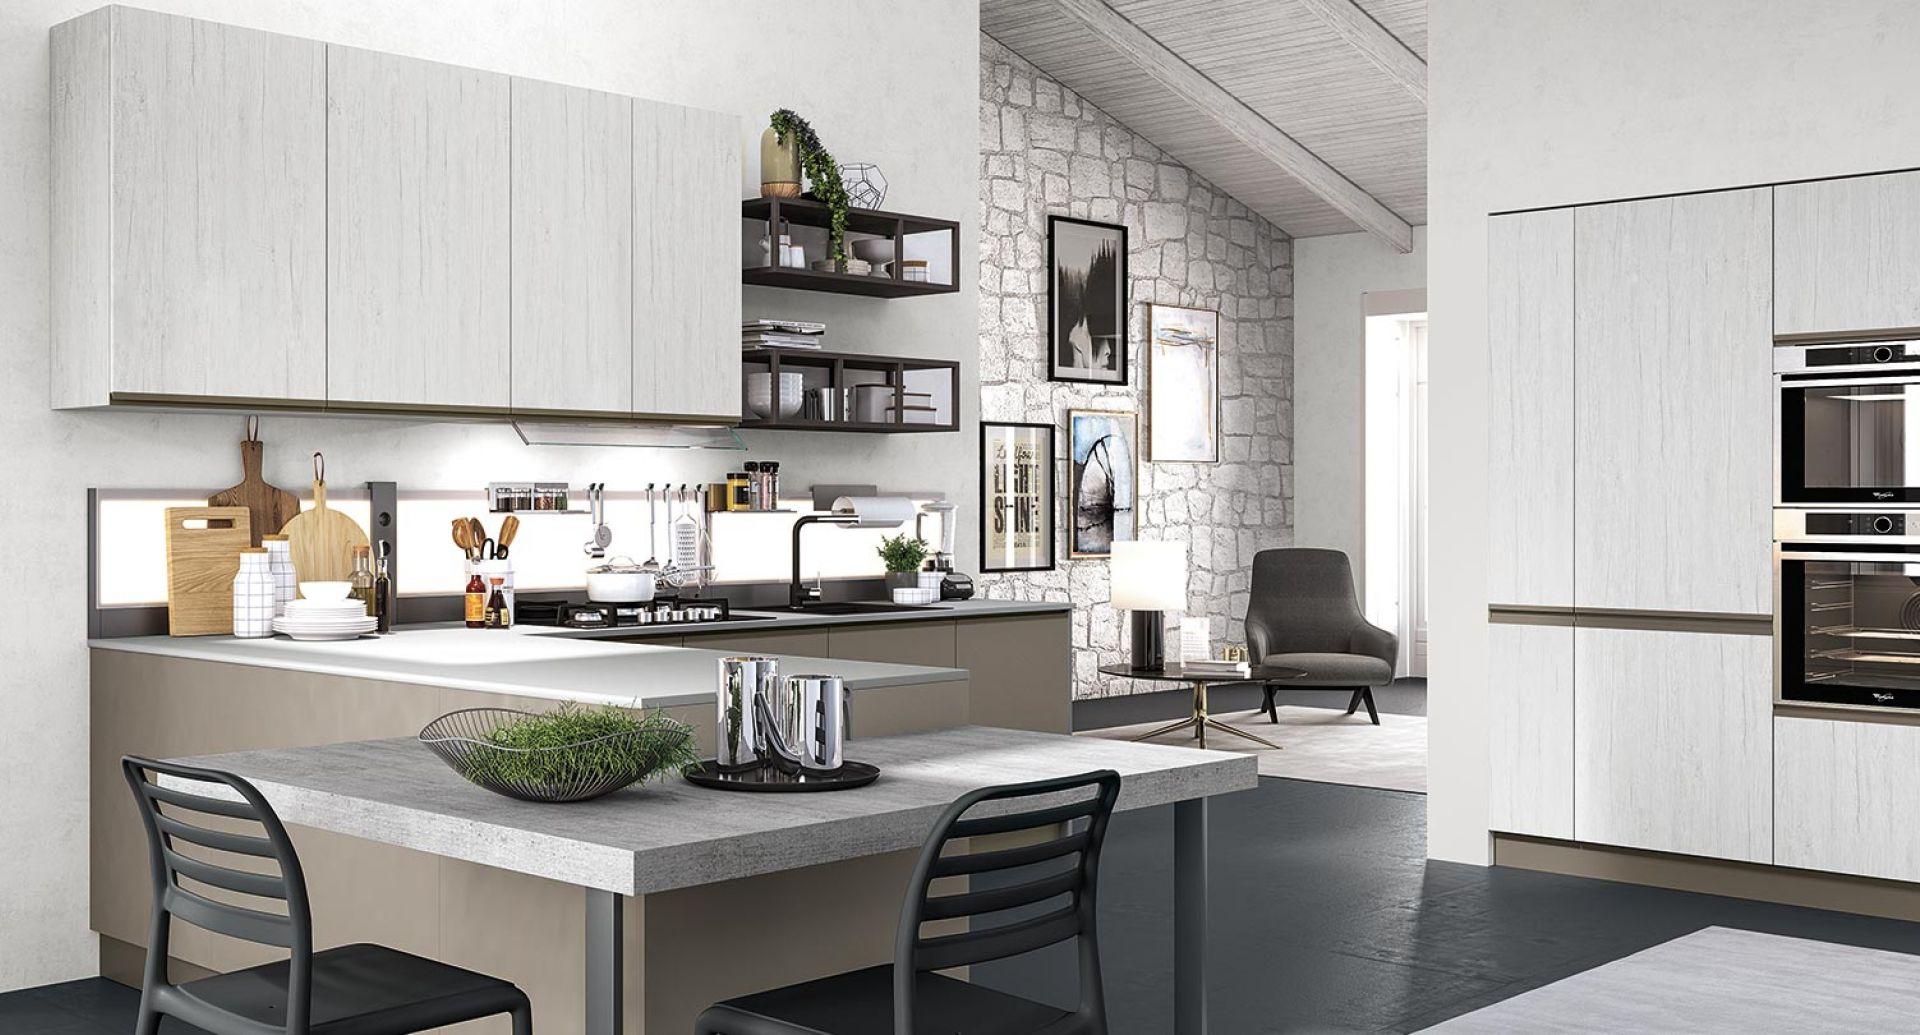 cucina moderna maia argento e fango opaco 02